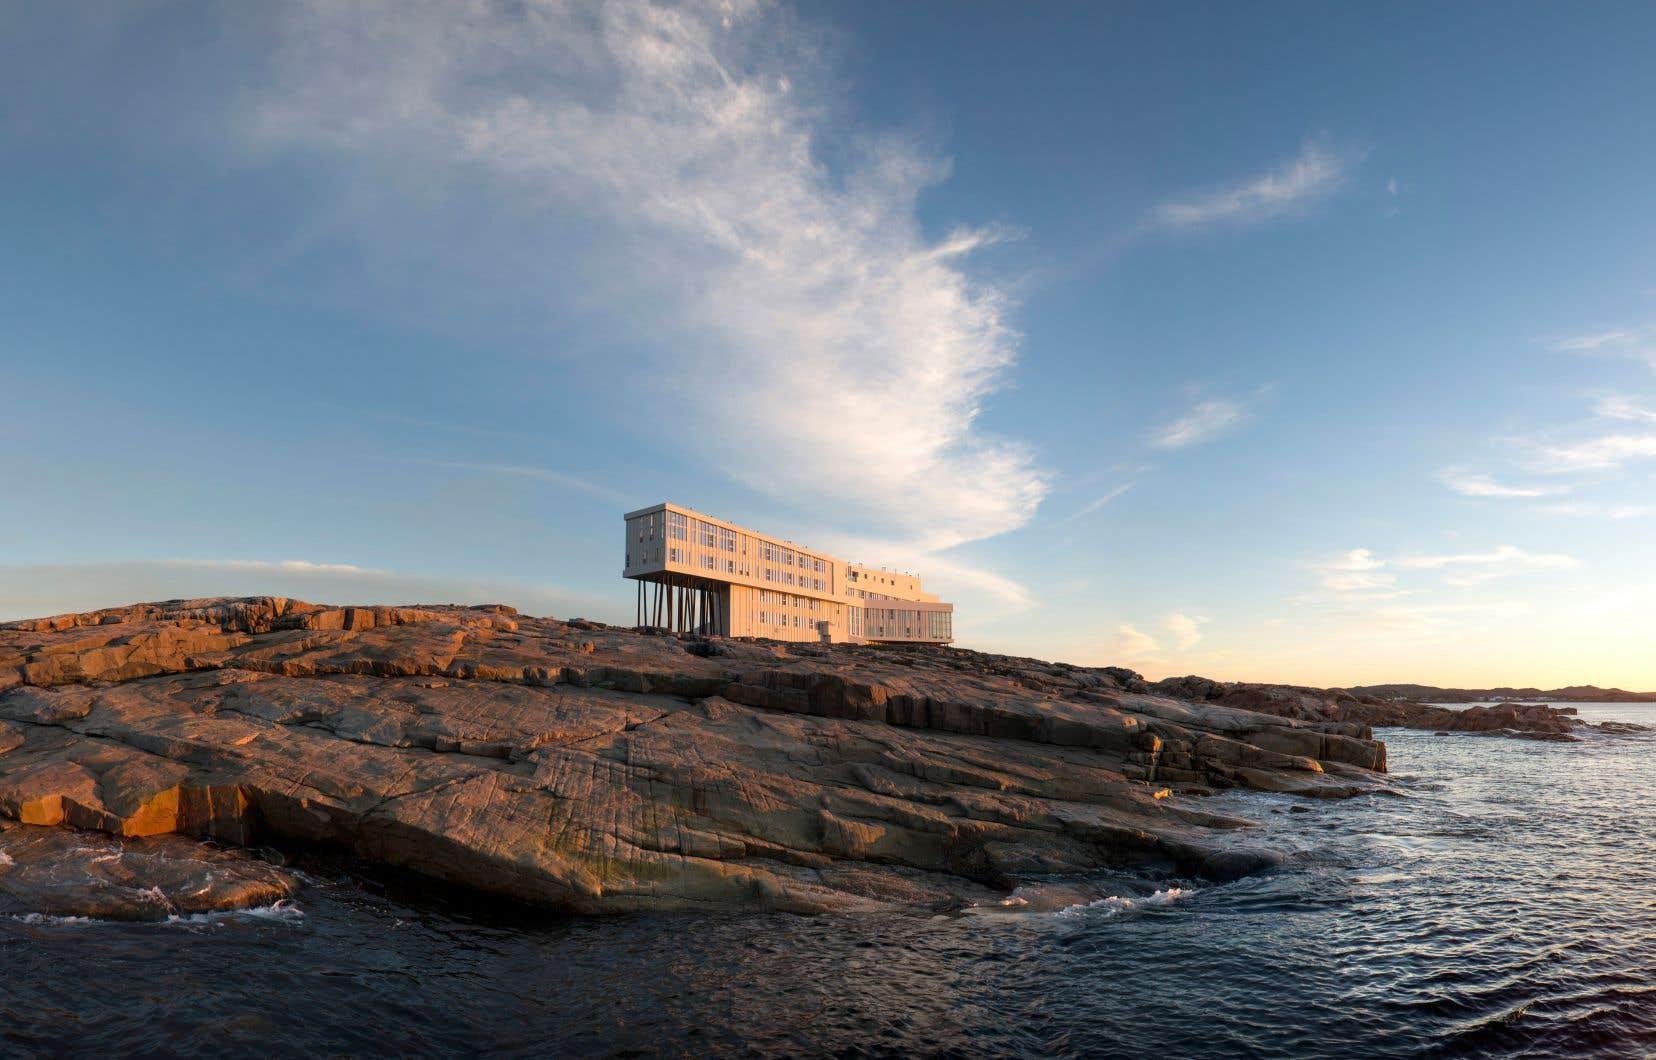 Le Fogo Island Inn est un superbe hôtel-boutique sur l'île de Fogo, à Terre-Neuve. Son architecture dessinée par la firme norvégienne Saunders Architecture fait rêver tous les adeptes d'Instagram.